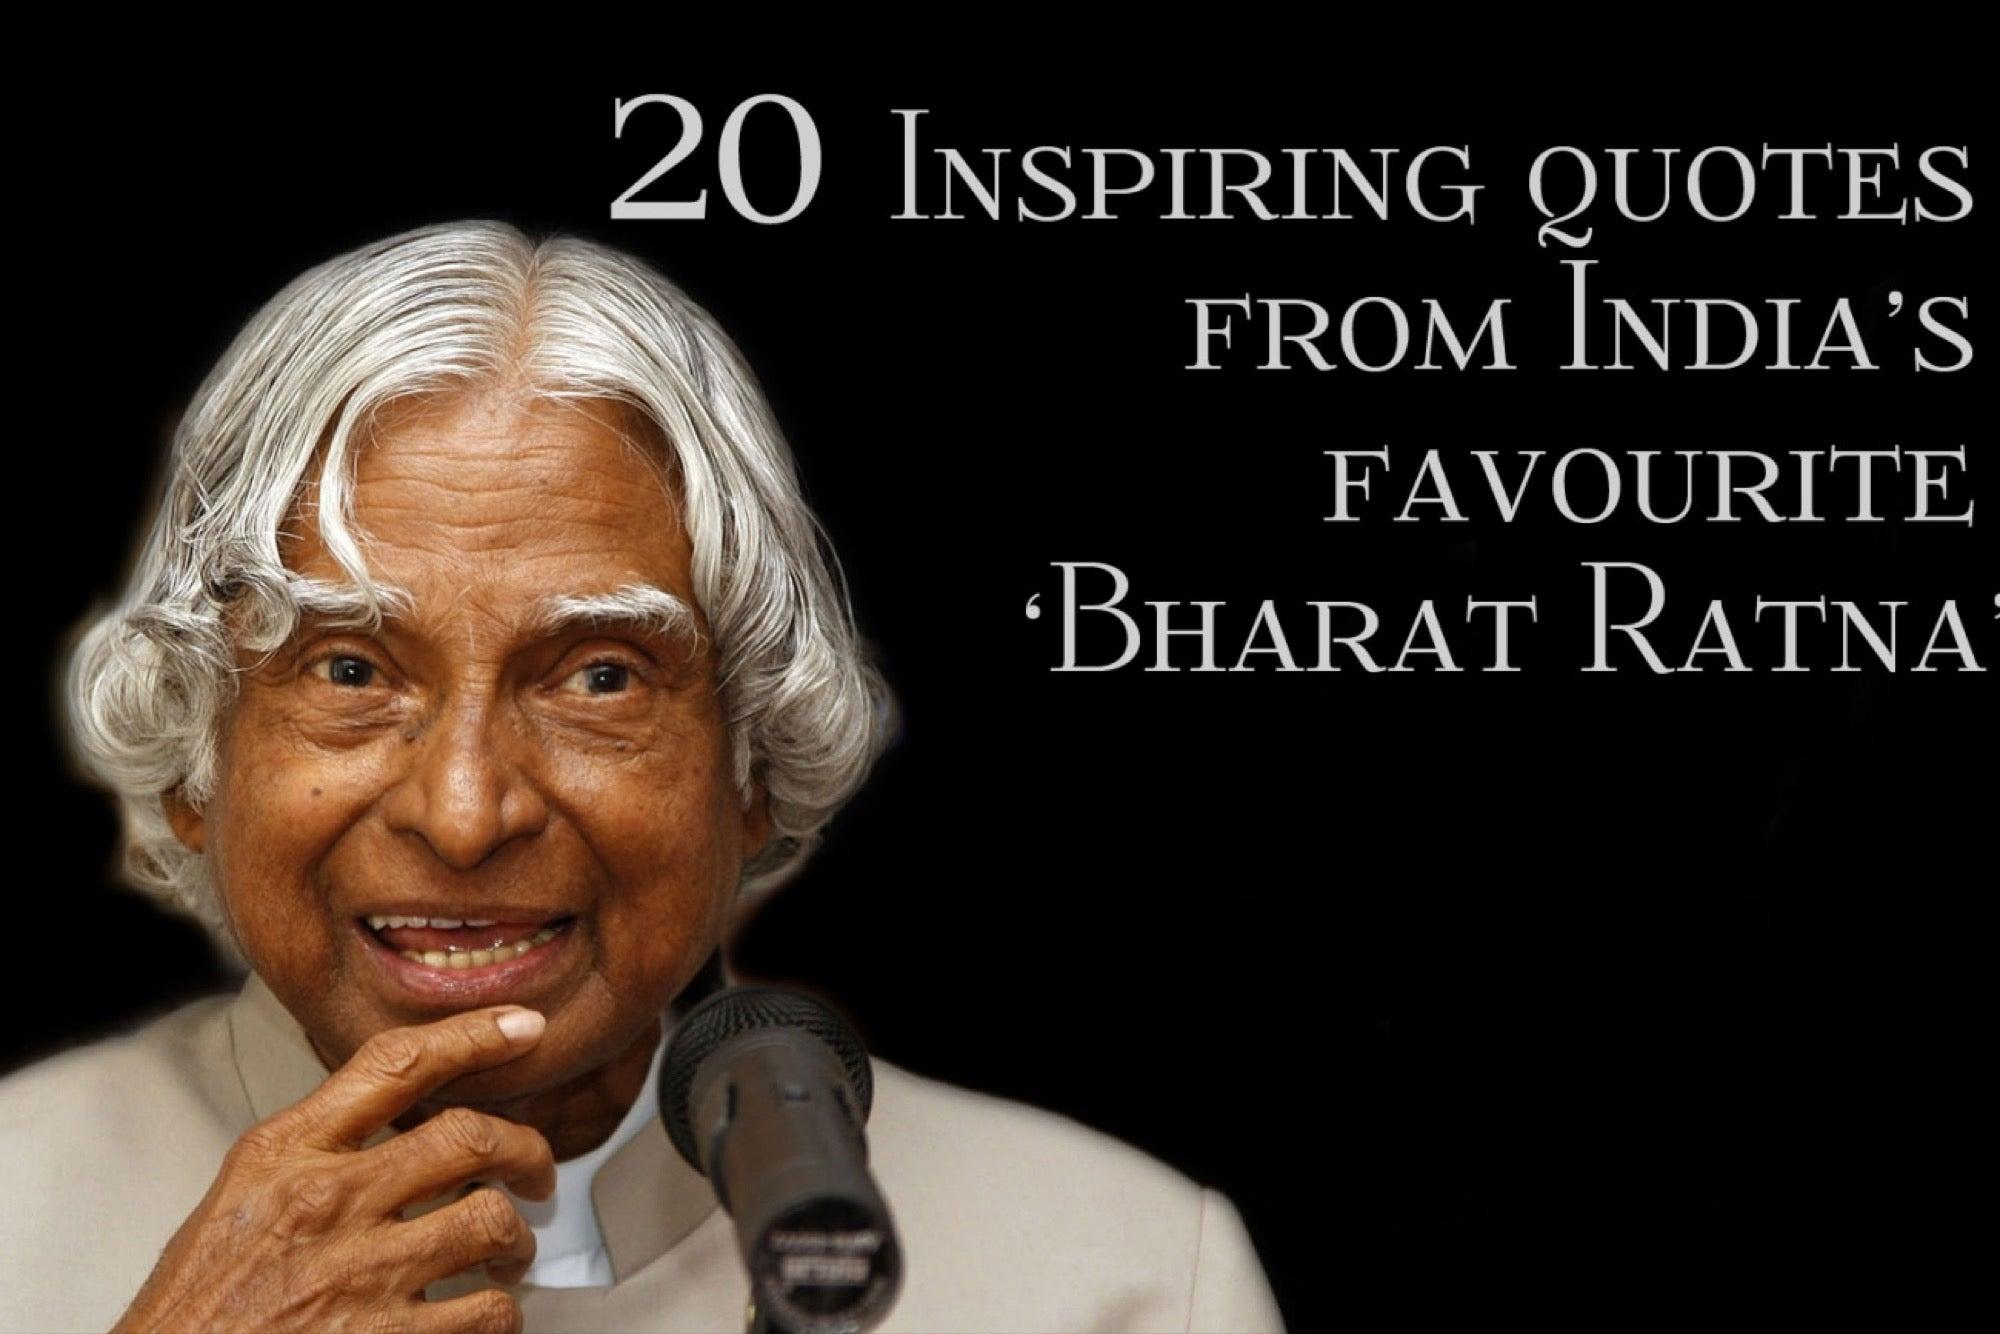 Dr Apj Abdul Kalam 20 Inspiring Quotes From Indias Favourite